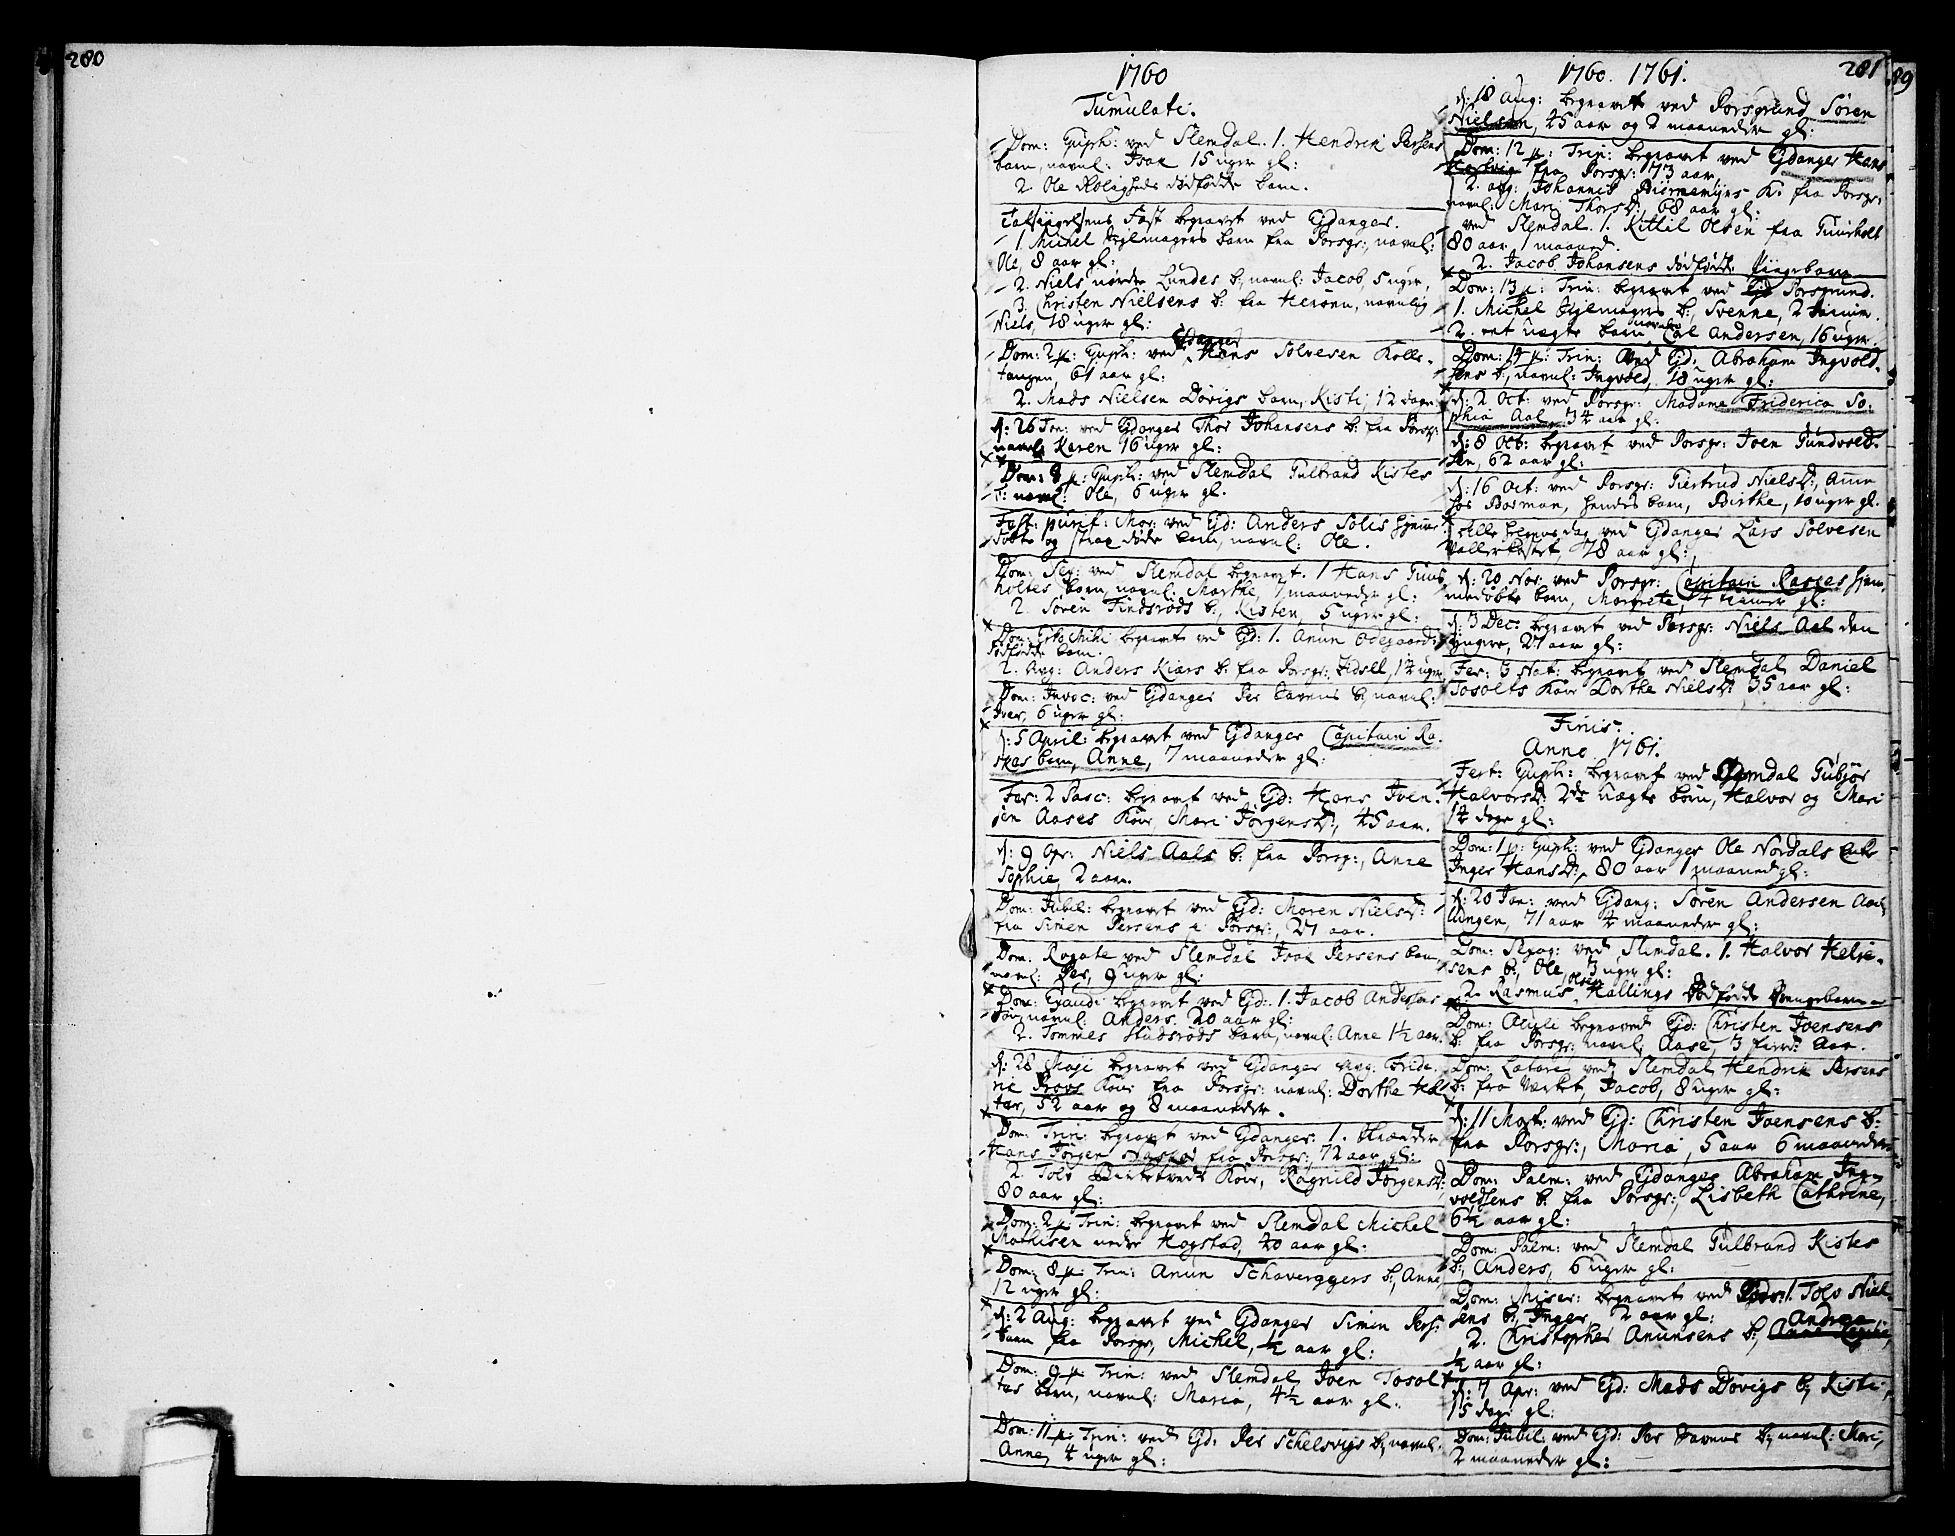 SAKO, Eidanger kirkebøker, F/Fa/L0005: Ministerialbok nr. 5, 1760-1764, s. 281